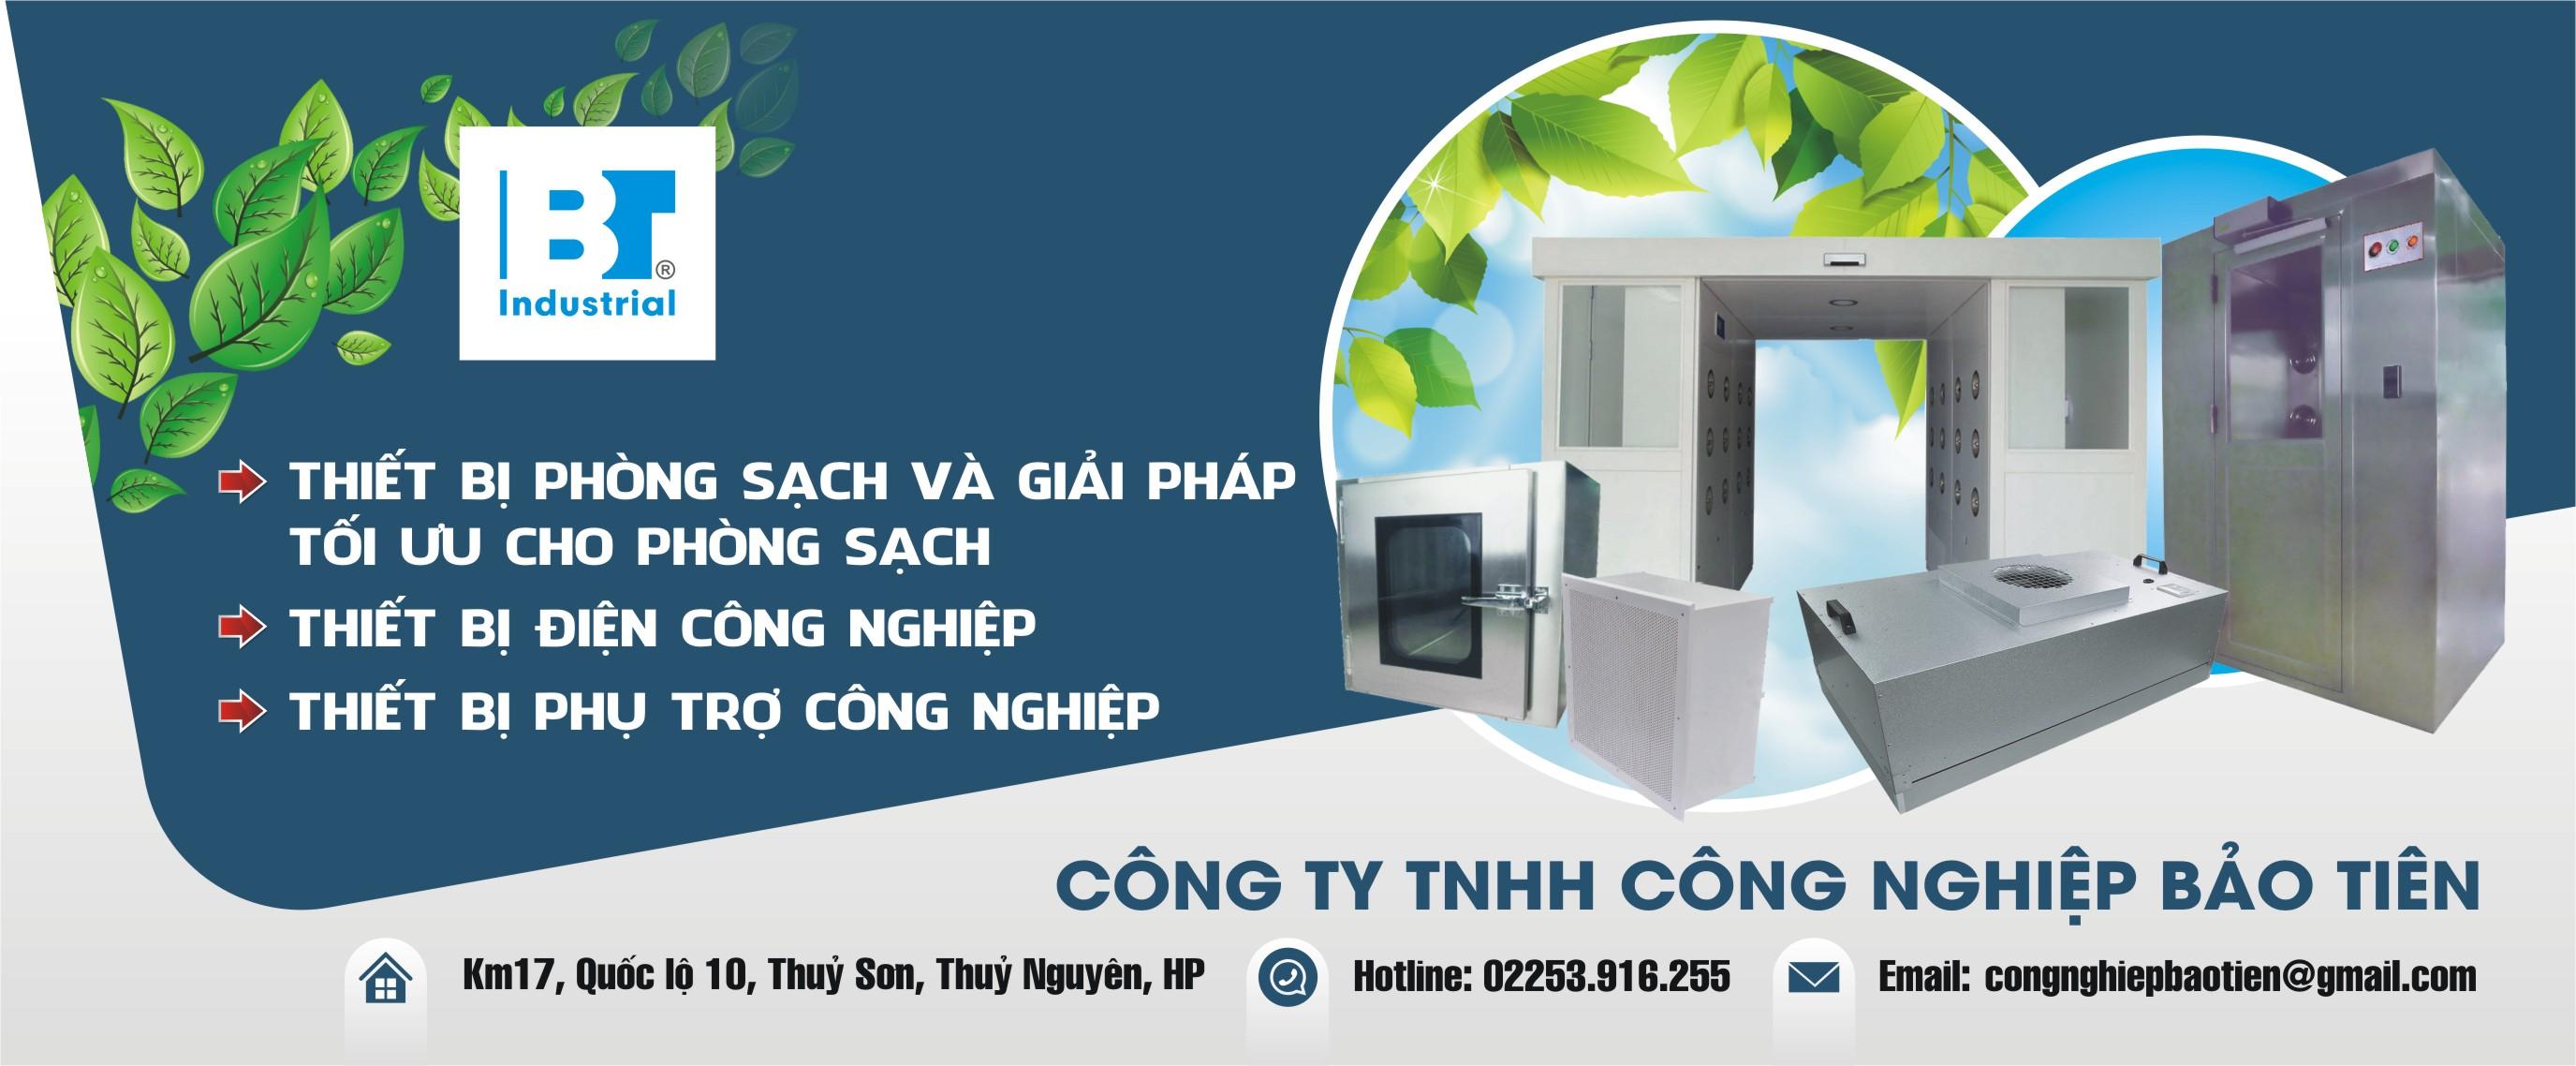 Quảng cáo công ty Bảo Tiên